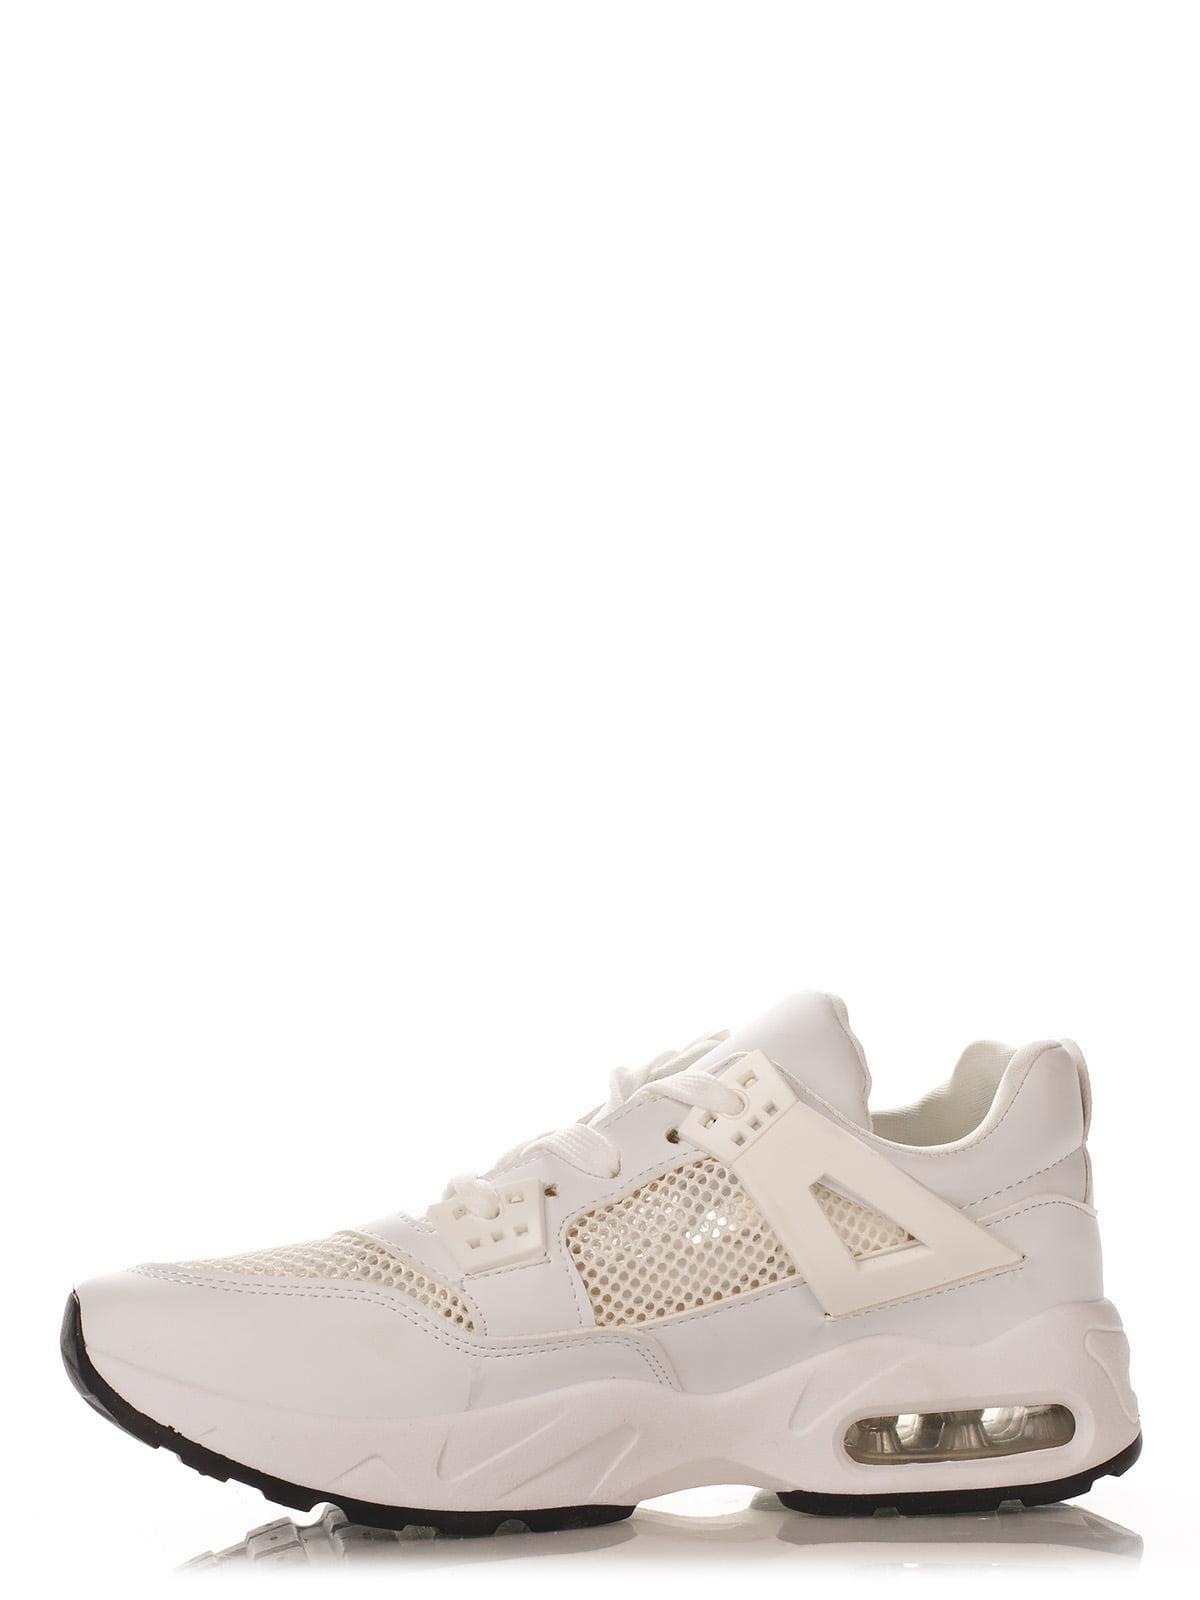 Кроссовки белые | 4001885 | фото 3